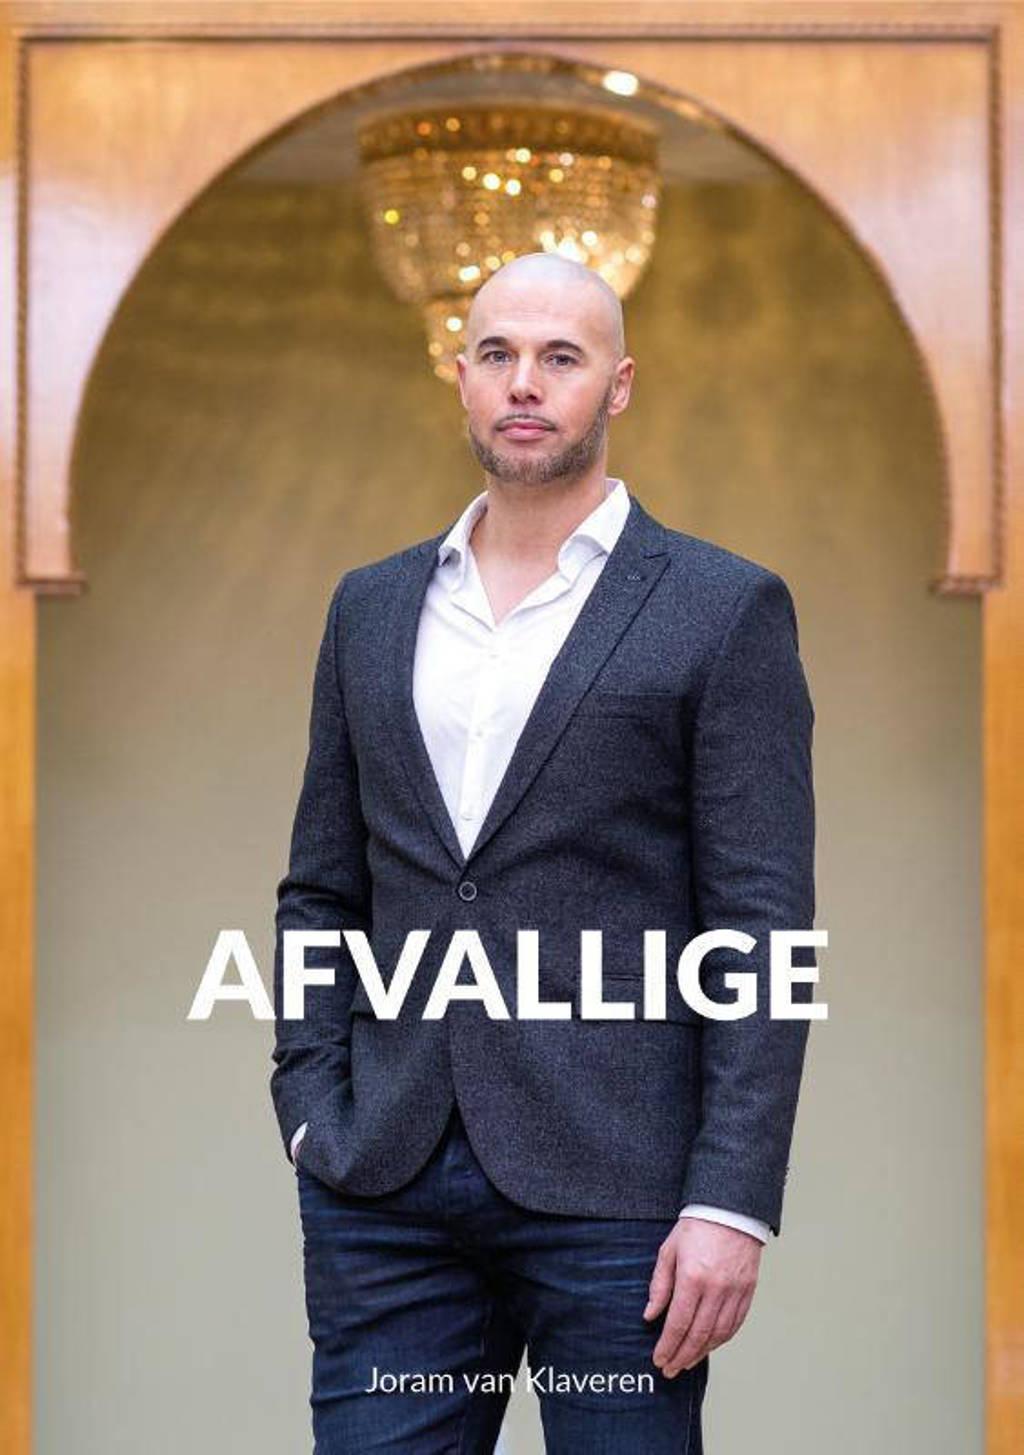 Afvallige - Joram van Klaveren